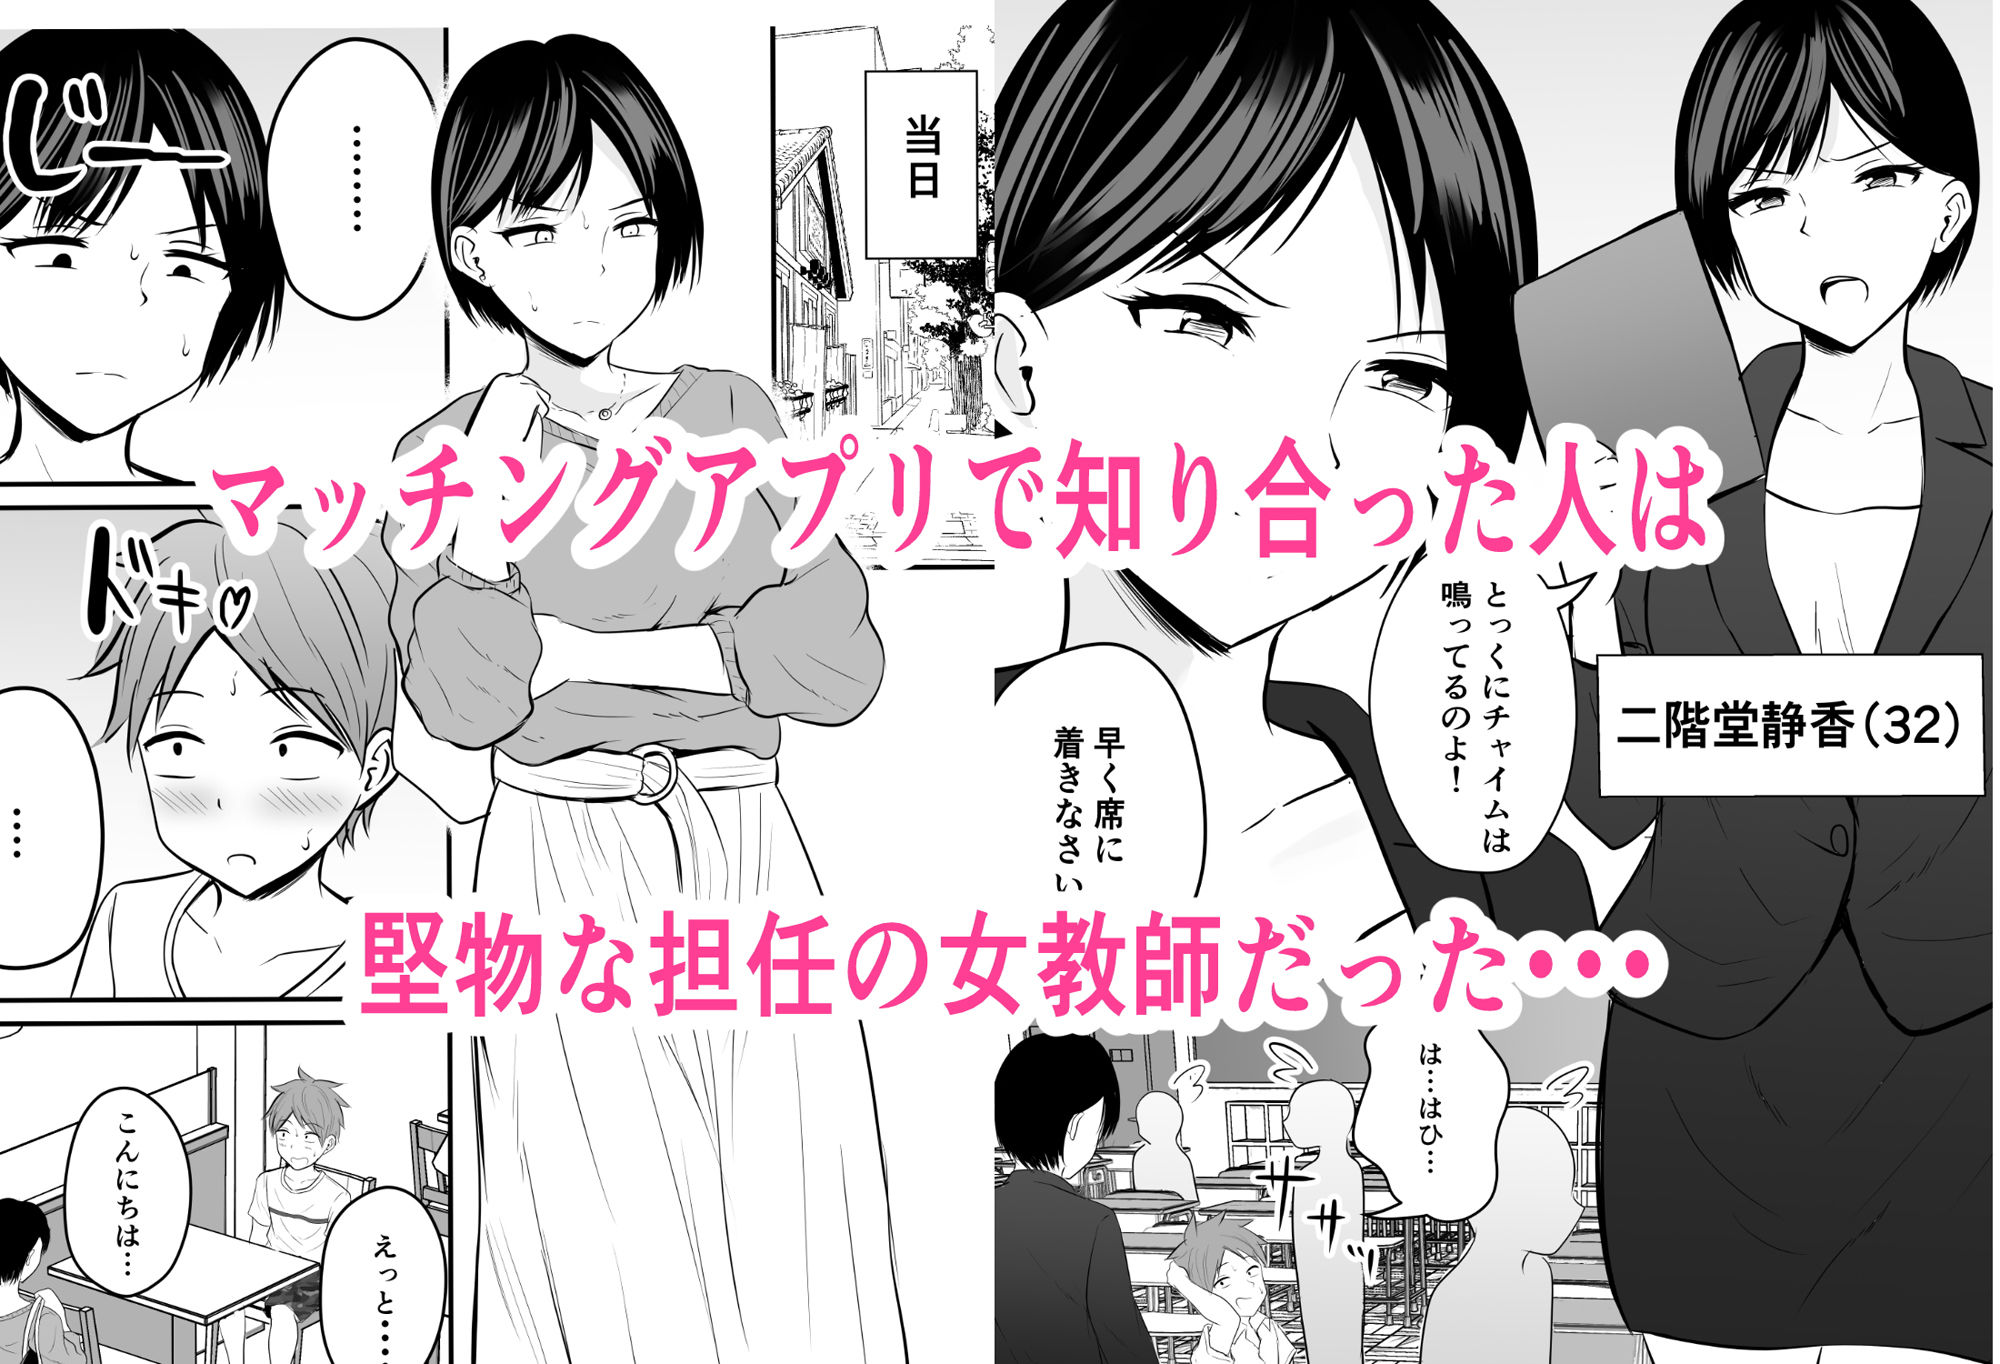 【エロ漫画】堅物な担任女教師とマッチングしたから性処理してもらって‥「サークル:ぽっぷマシンガン」【同人誌・コミック】#1